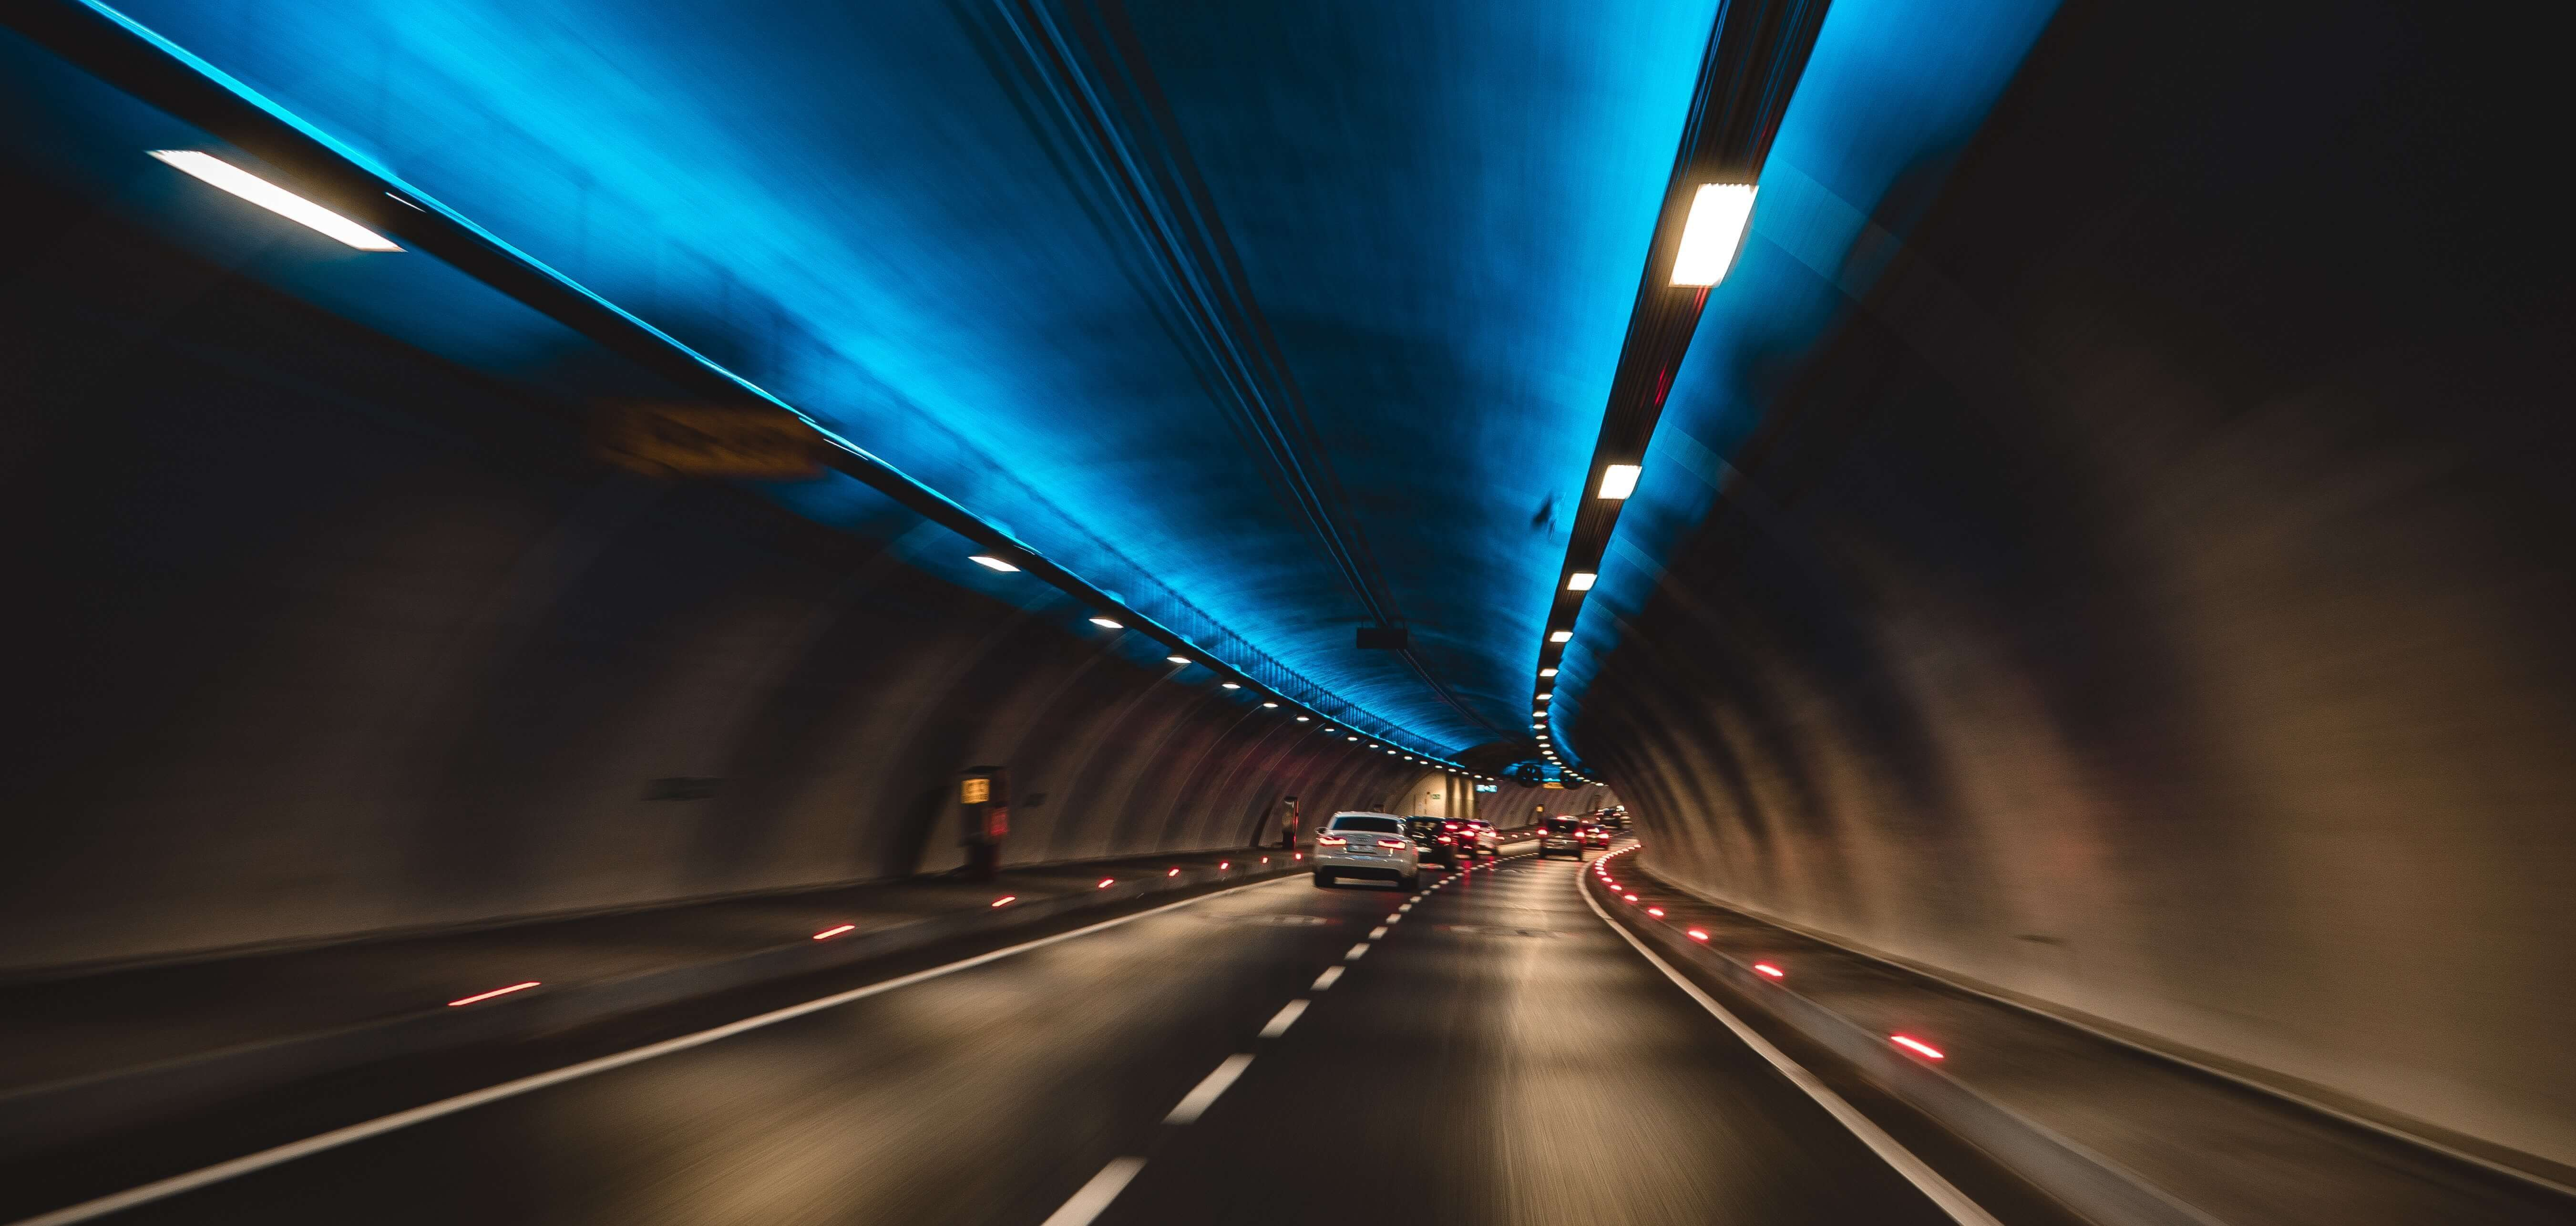 verhalten sie sich bei einer tunneldurchfahrt richtig